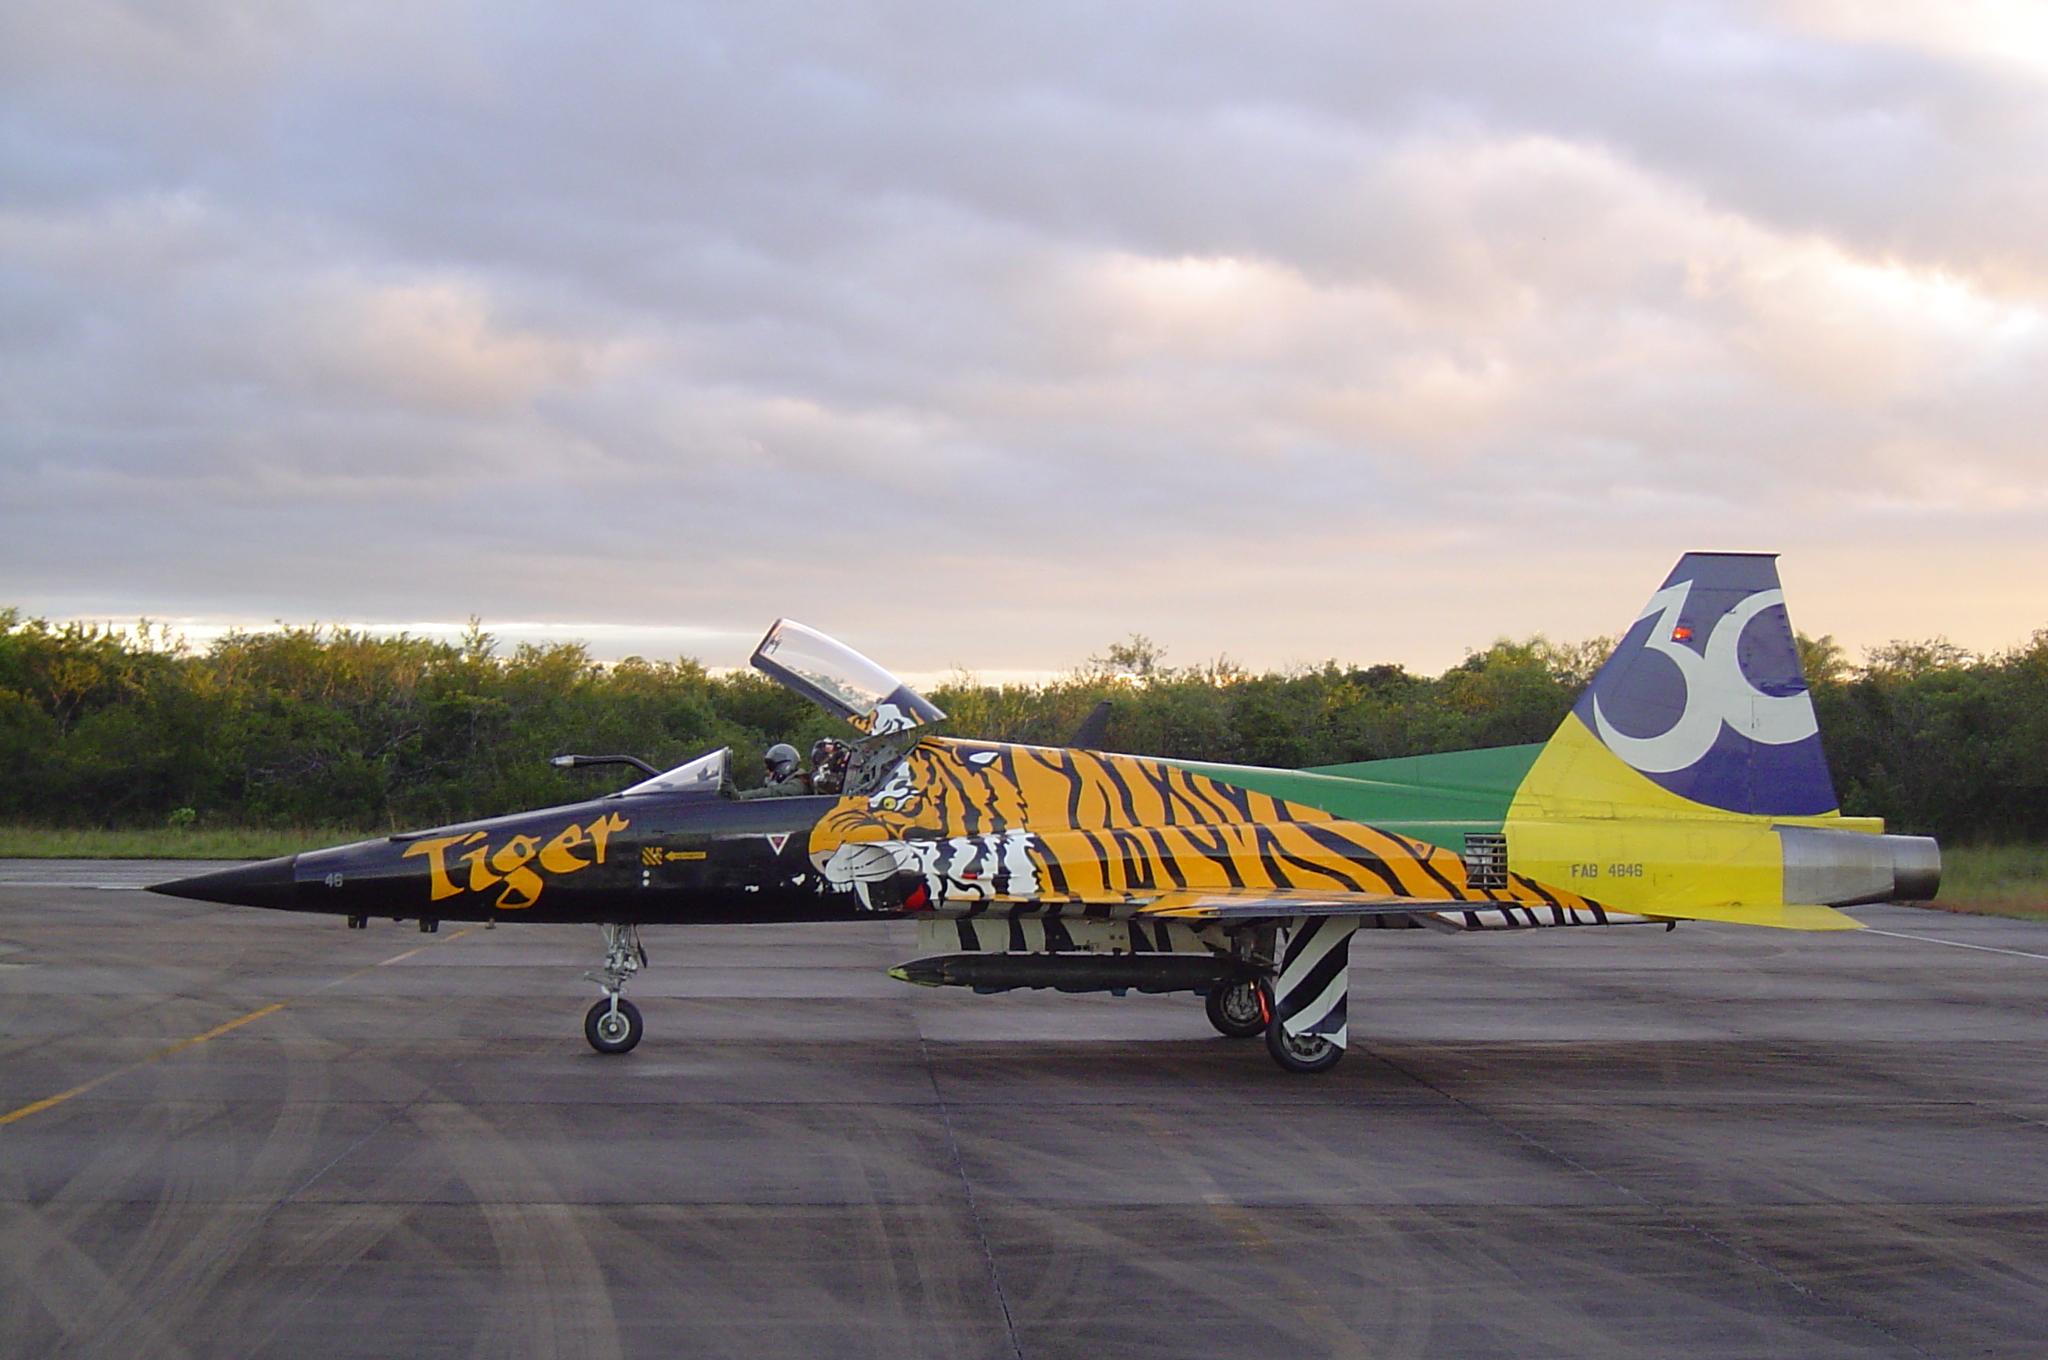 Northrop F-5 Tiger II com pintura comemorativa de 30 anos de operação na Força Aérea Brasileira